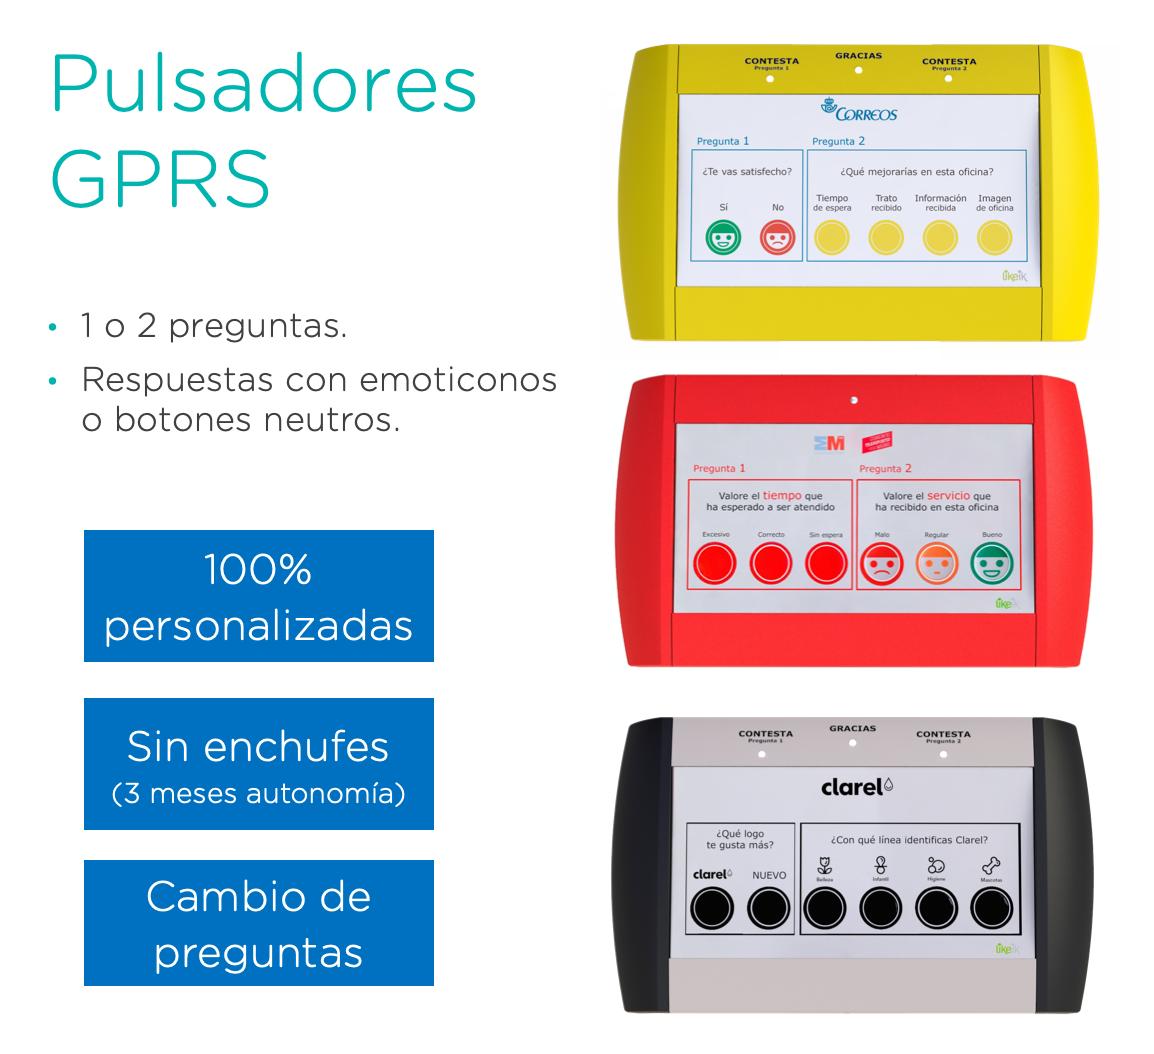 Pulsadores GPRS